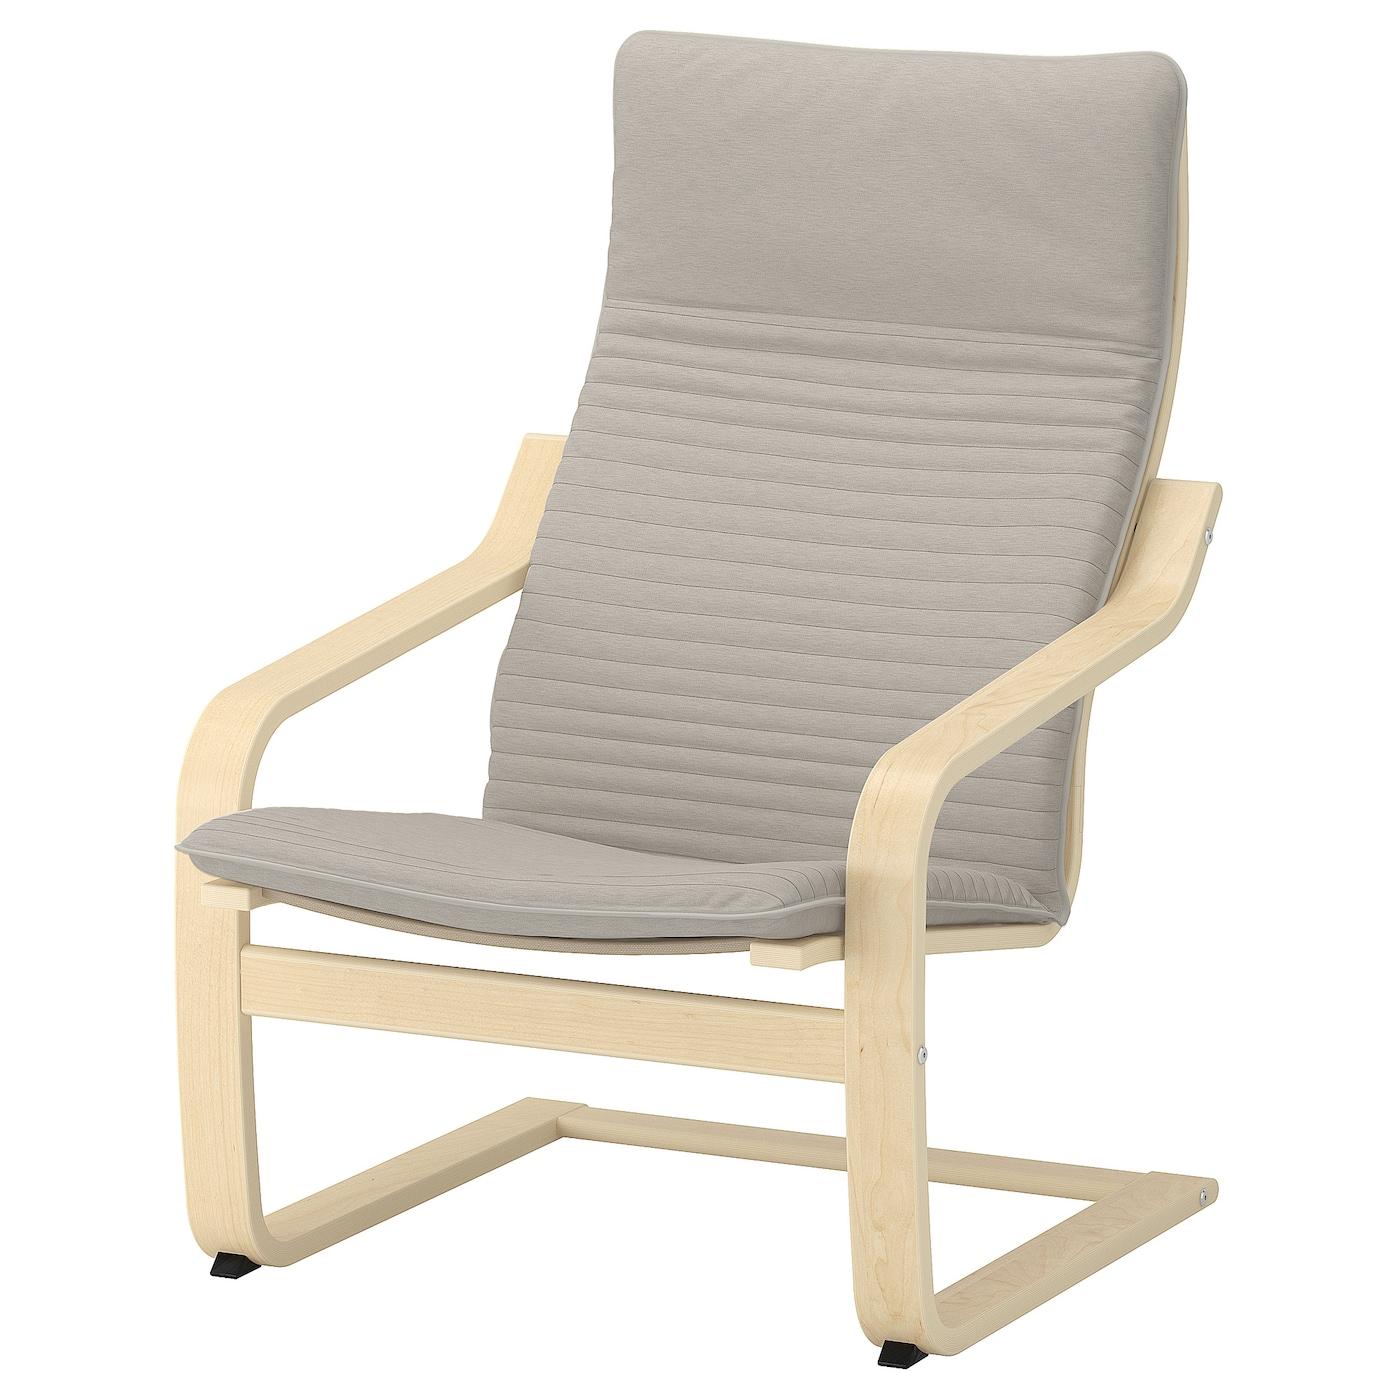 IKEA POÄNG jasnobeżowy fotel z ramą w okleinie brzozowej